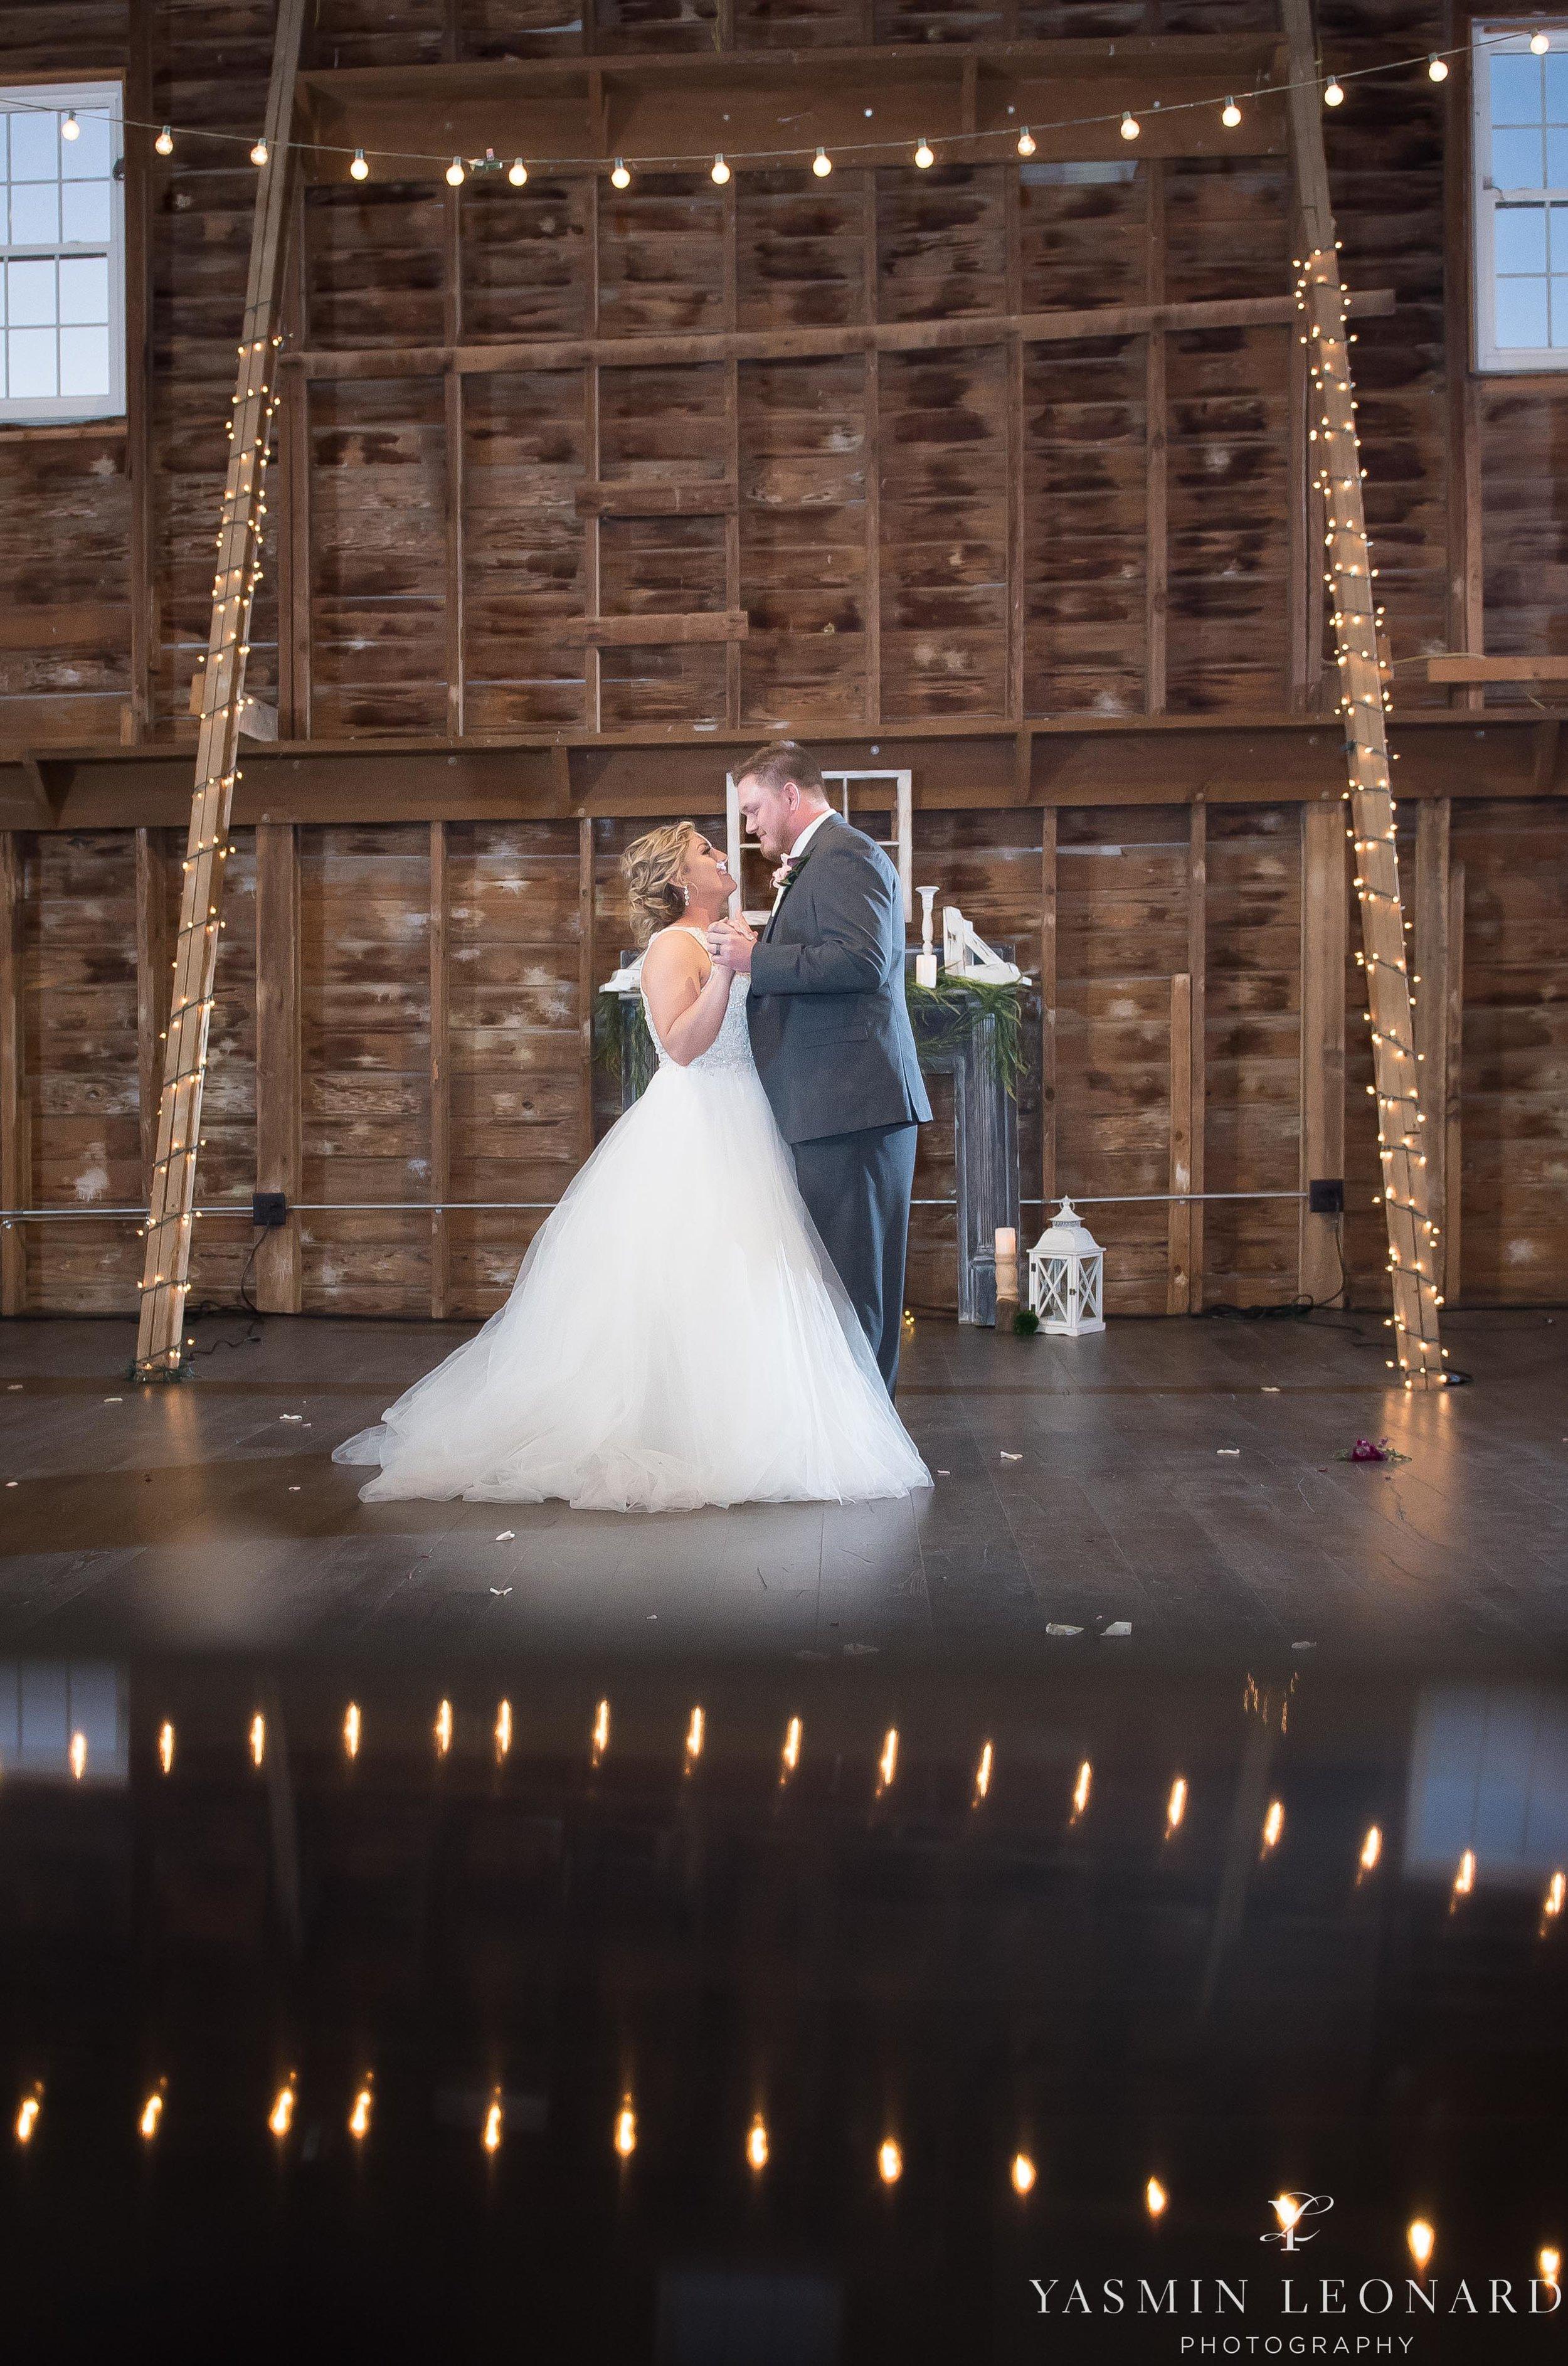 Millikan Farms - Millikan Farms Wedding - Sophia NC Wedding - NC Wedding - NC Wedding Photographer - Yasmin Leonard Photography - High Point Photographer - Barn Wedding - Wedding Venues in NC - Triad Wedding Photographer-75.jpg